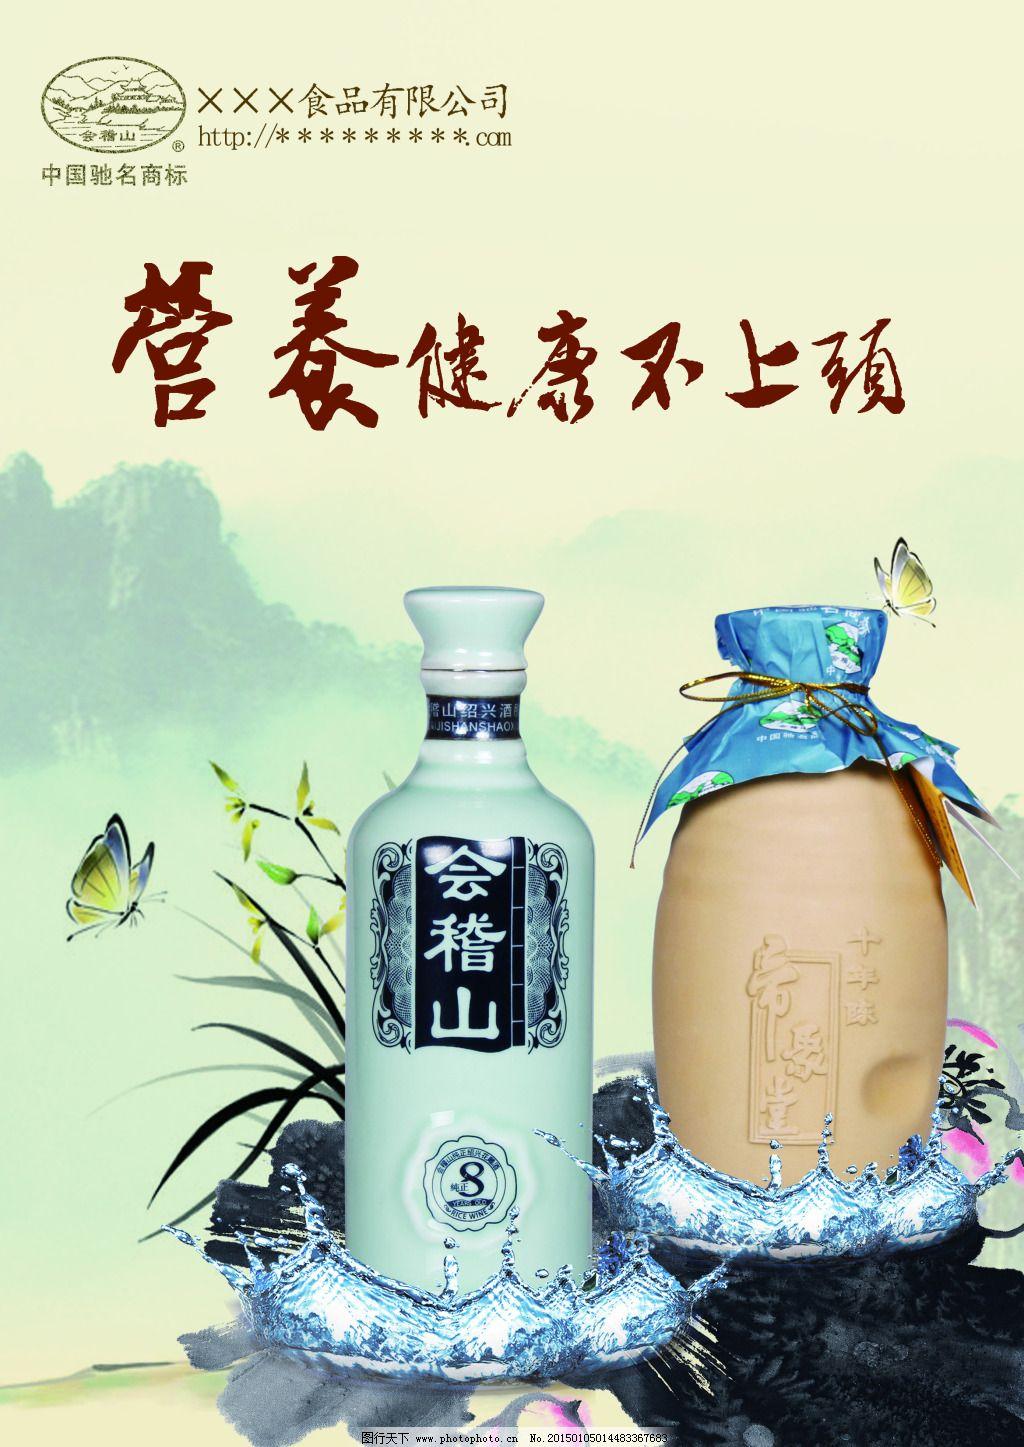 会稽山黄酒海报酒水文化设计 会稽山黄酒海报酒水文化设计免费下载